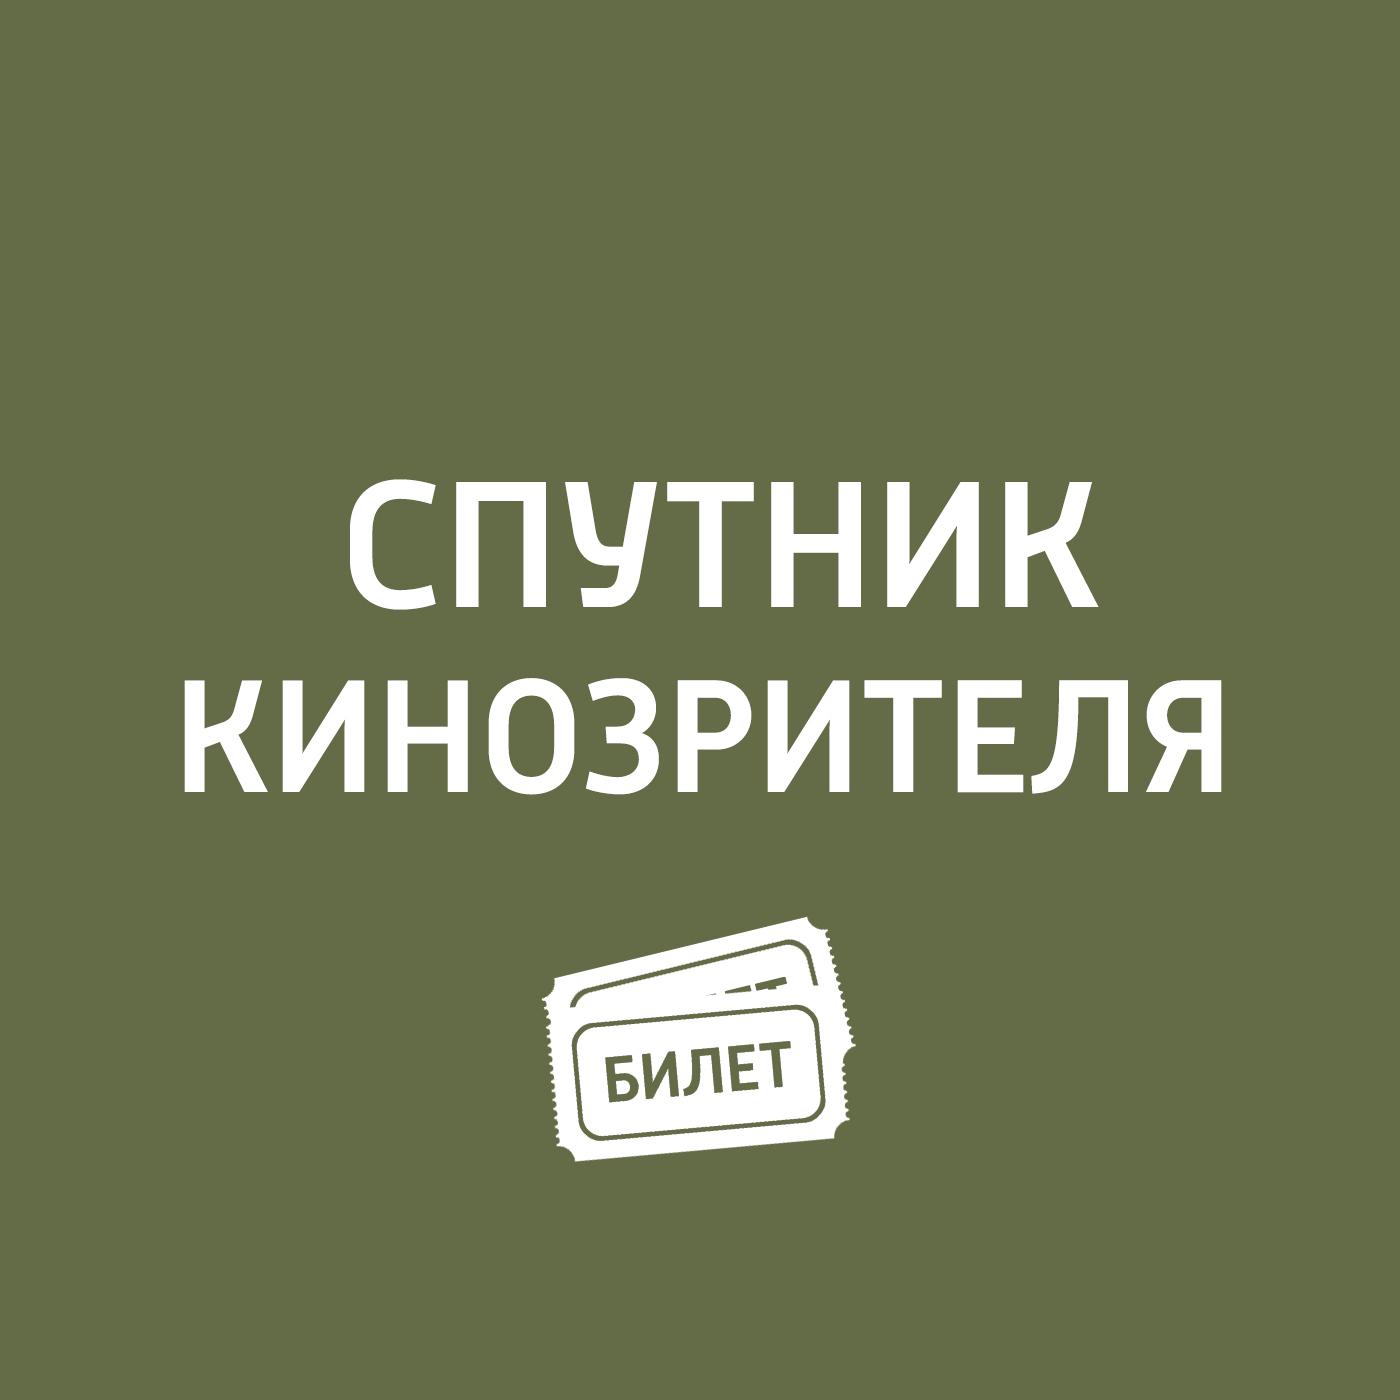 Антон Долин Премьеры. «В центре внимания», «Дэдпул», «Лазурный берег» b shelves